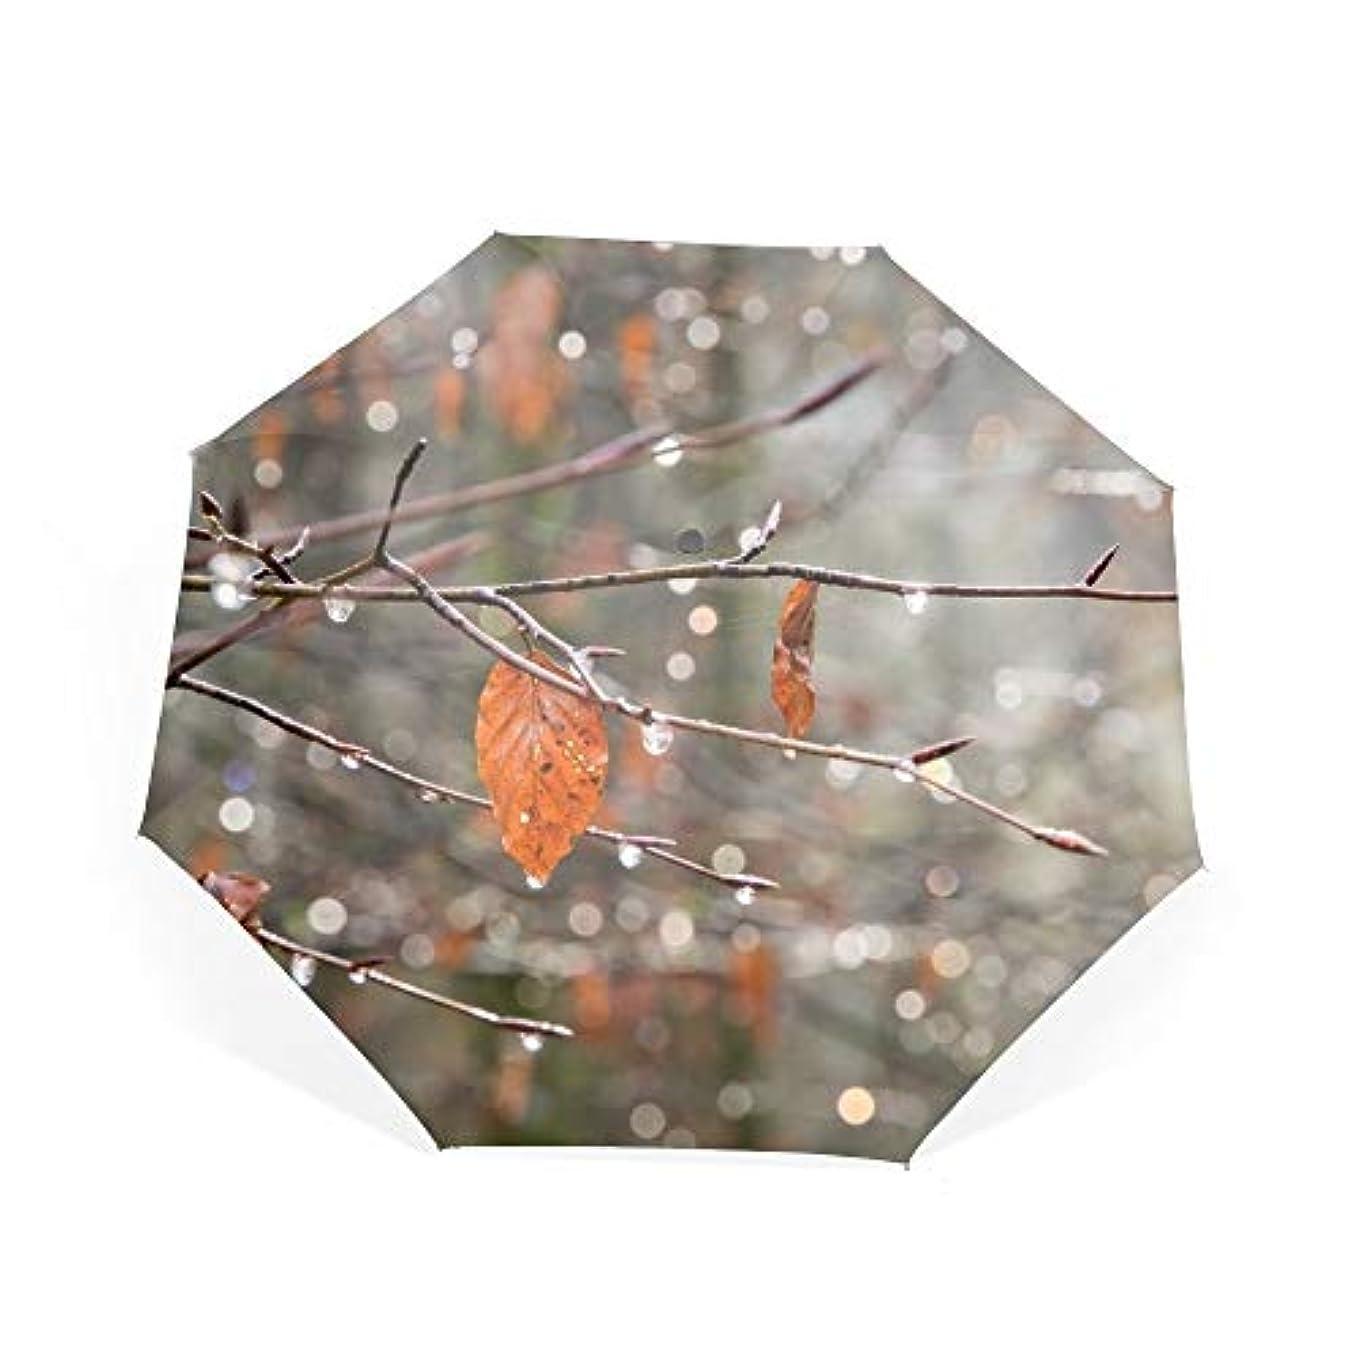 フィードオン選挙毛布折りたたみ傘 水滴 日傘 晴雨兼用 遮光 遮熱 UPF50 UV 紫外線 99% カット 大型 88cm レディース 8本骨